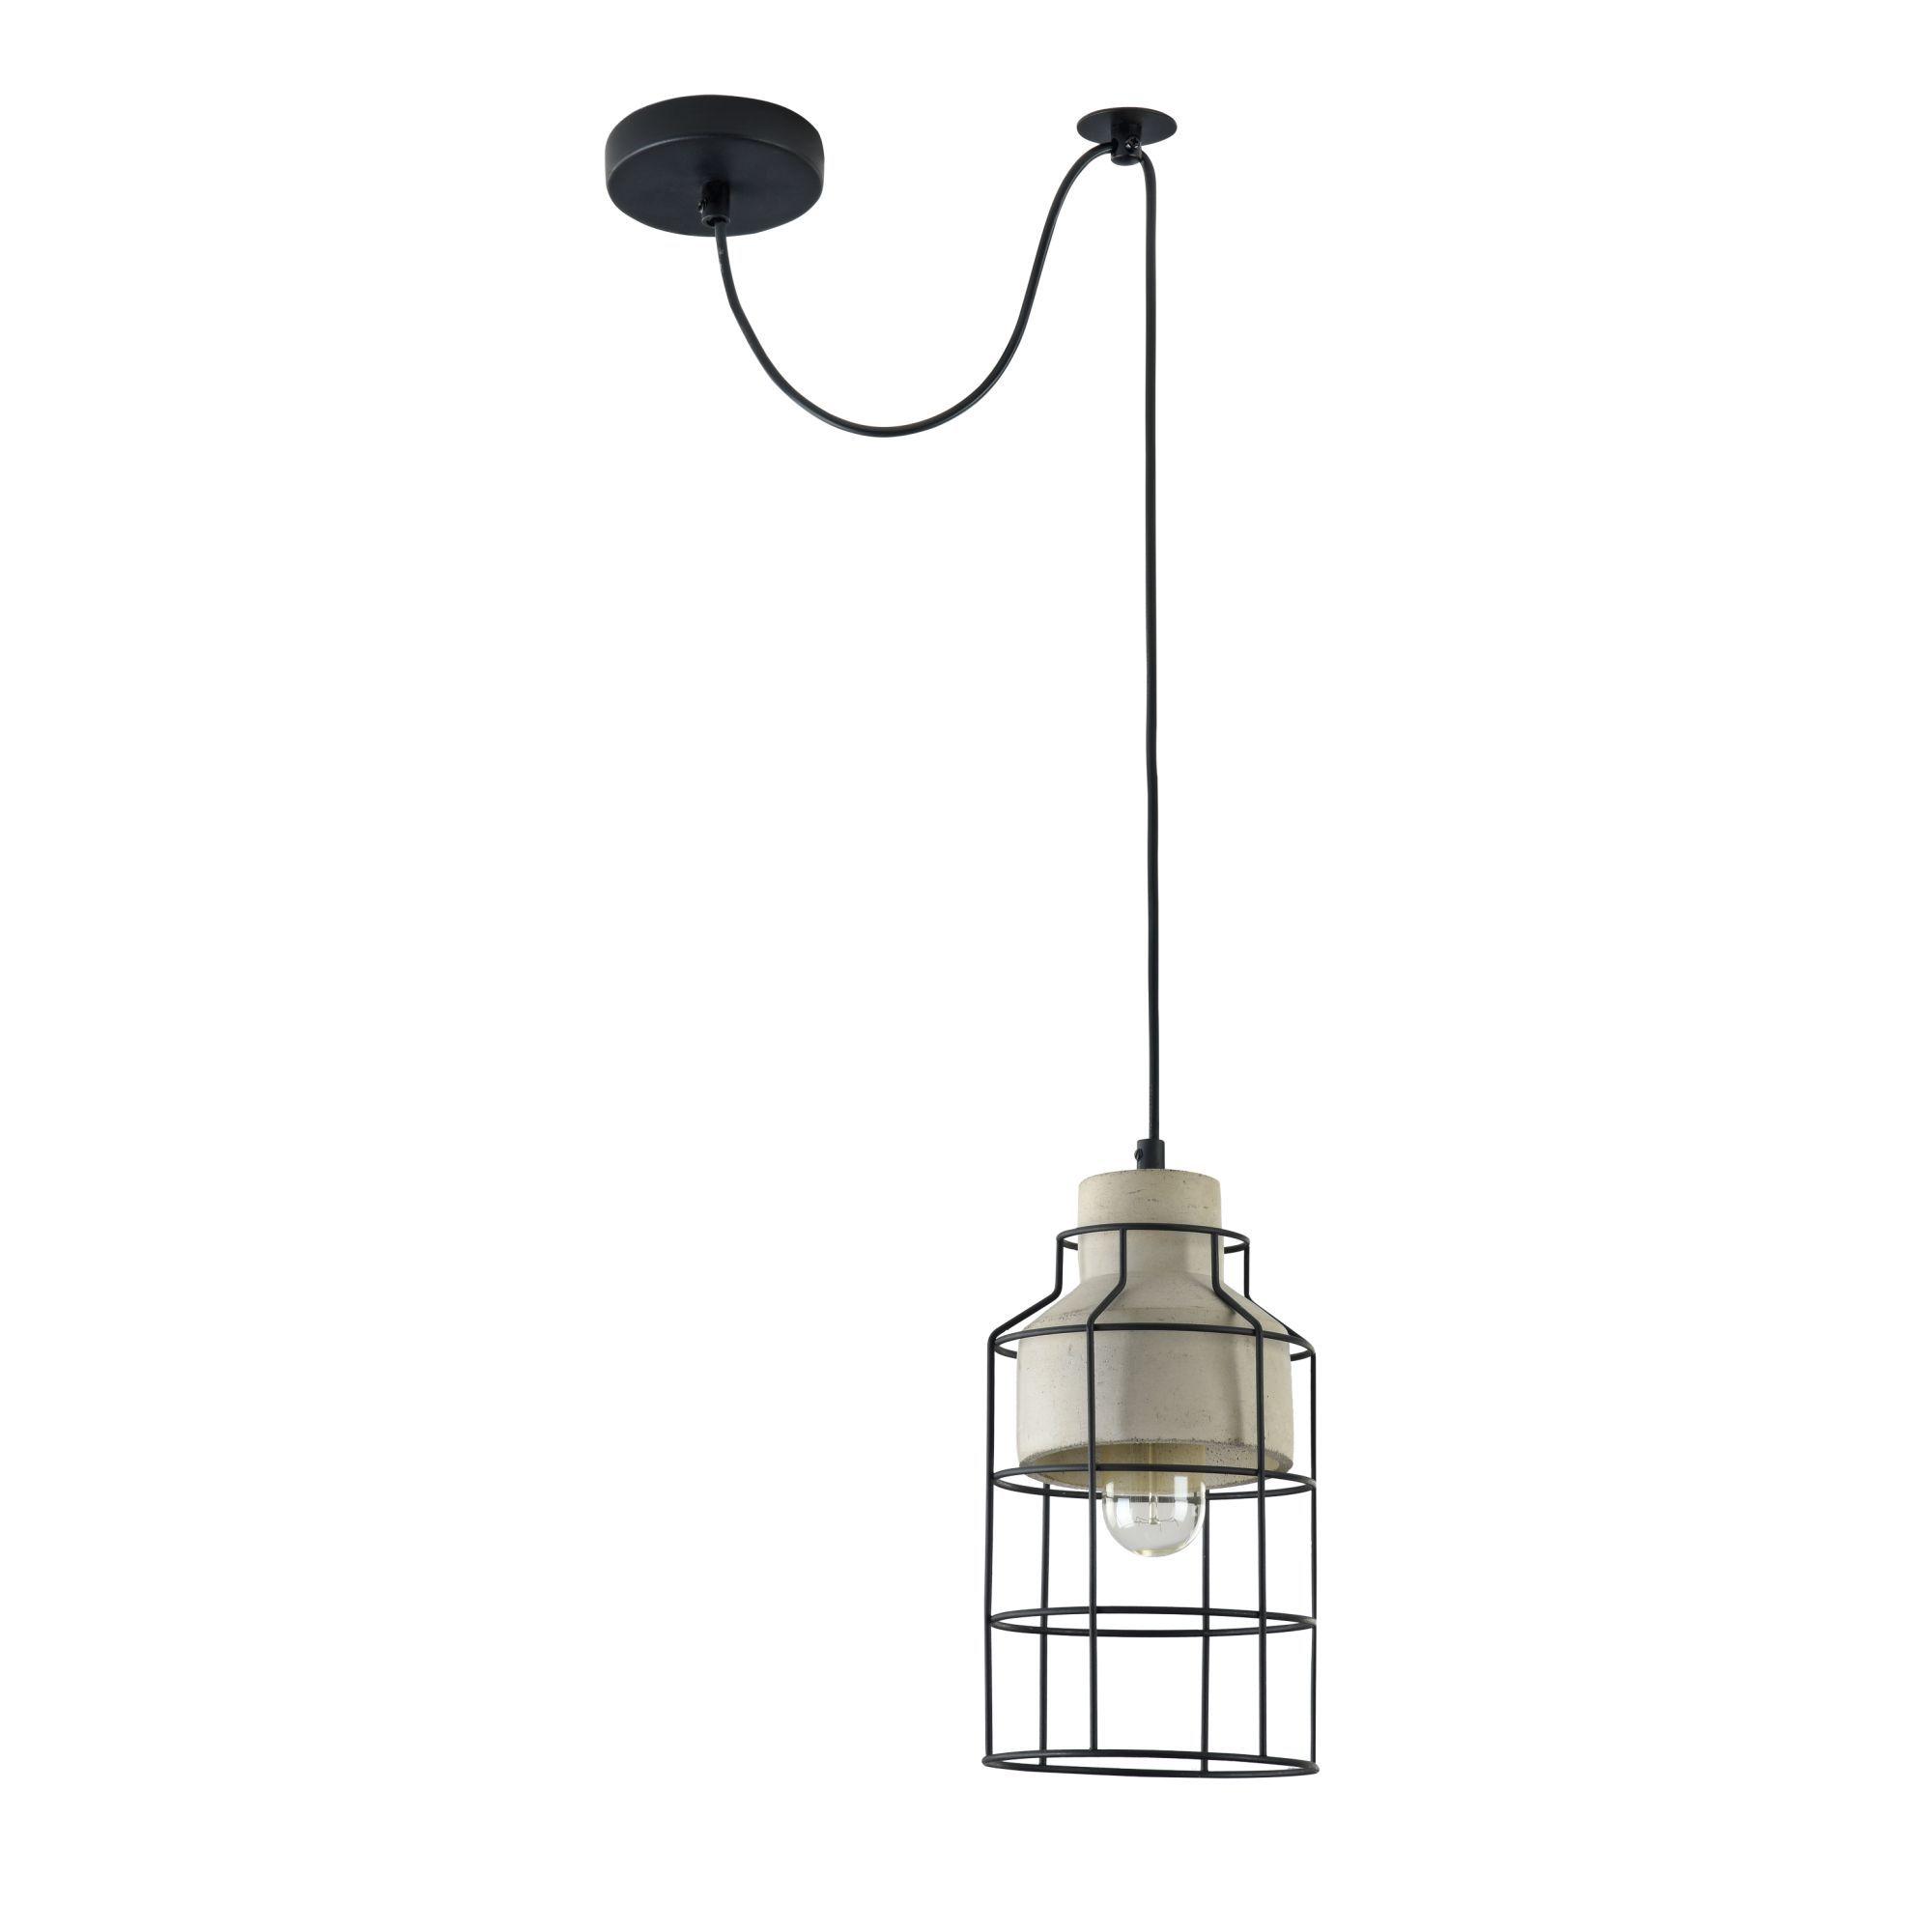 Подвесной светильник Maytoni Loft Gosford T441-PL-01-GR, 1xE27x60W, черный, серый, металл, металл с бетоном - фото 3